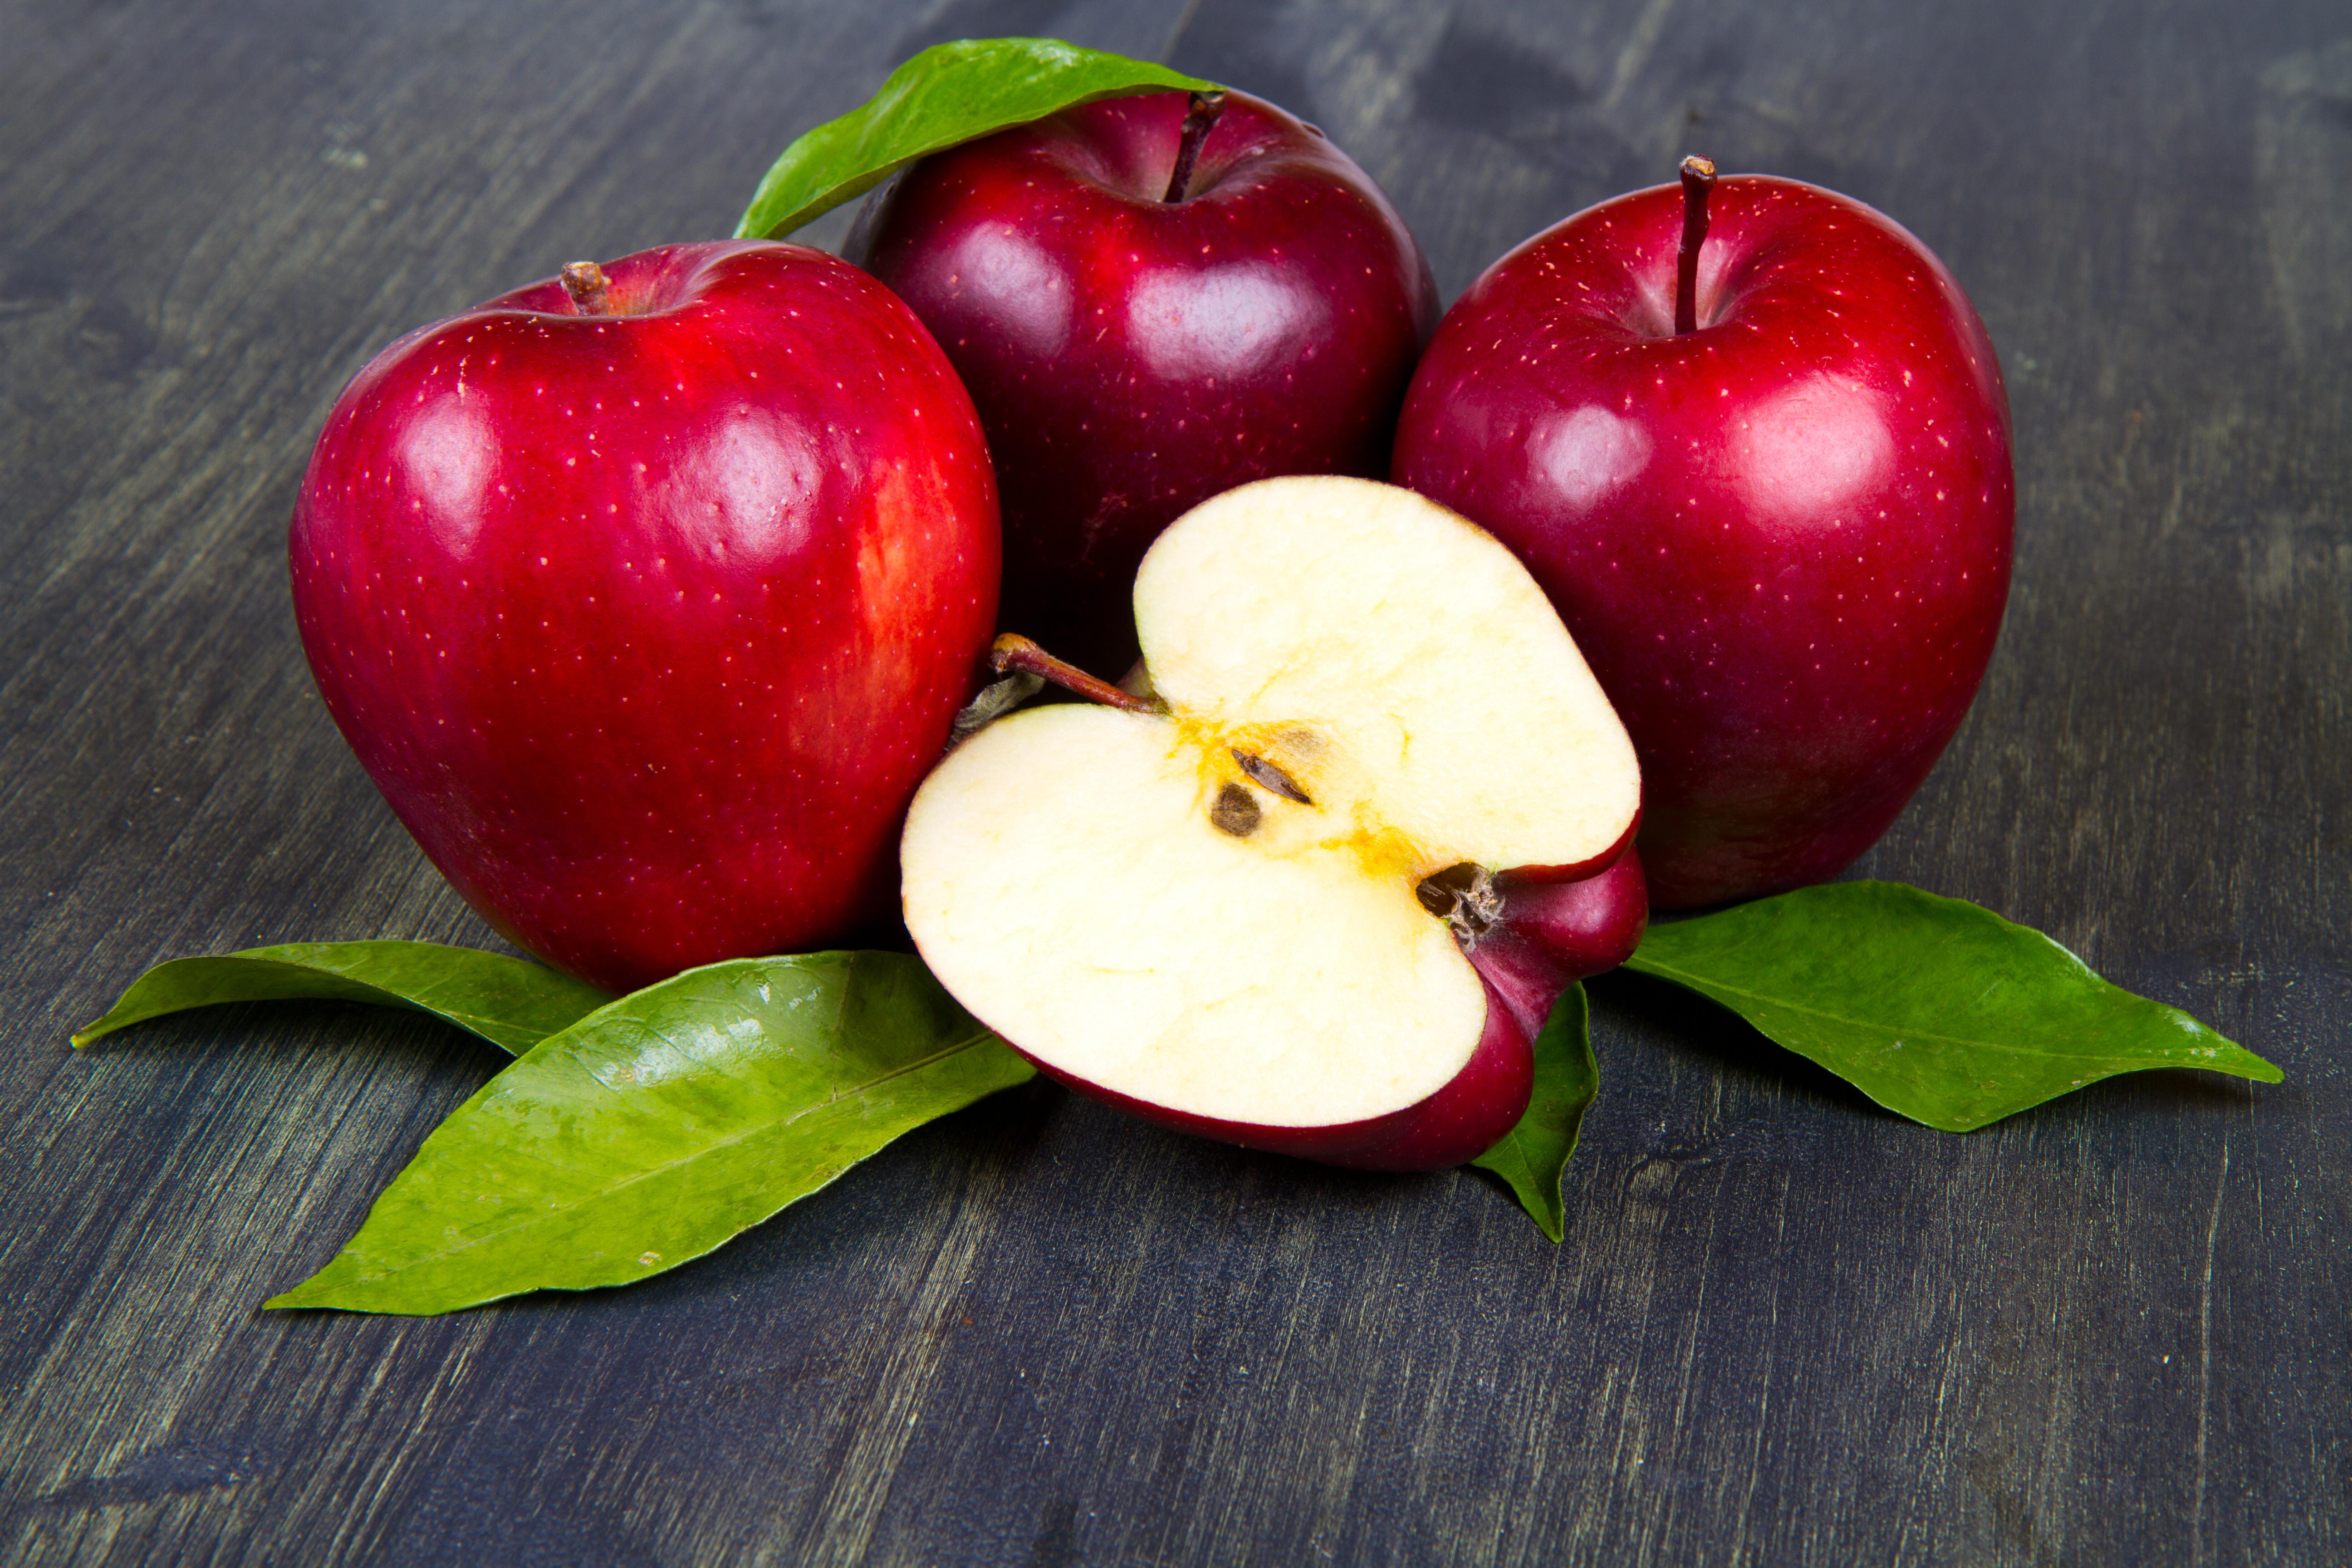 inside apples photos tumblr -